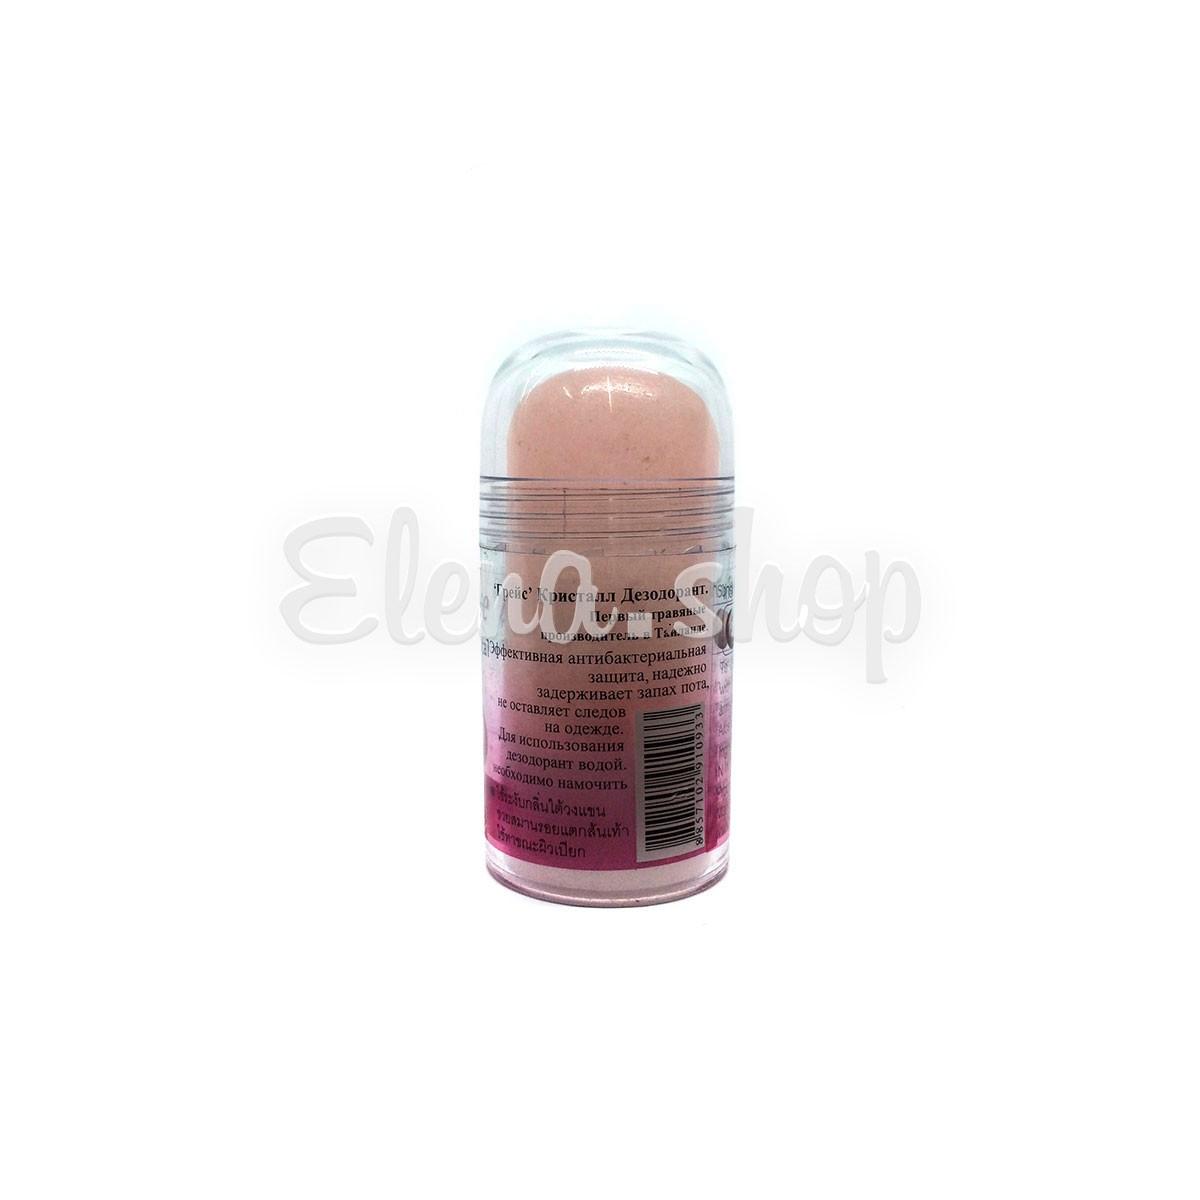 Натуральный дезодорант с экстрактом Мангостина Grace Crystal